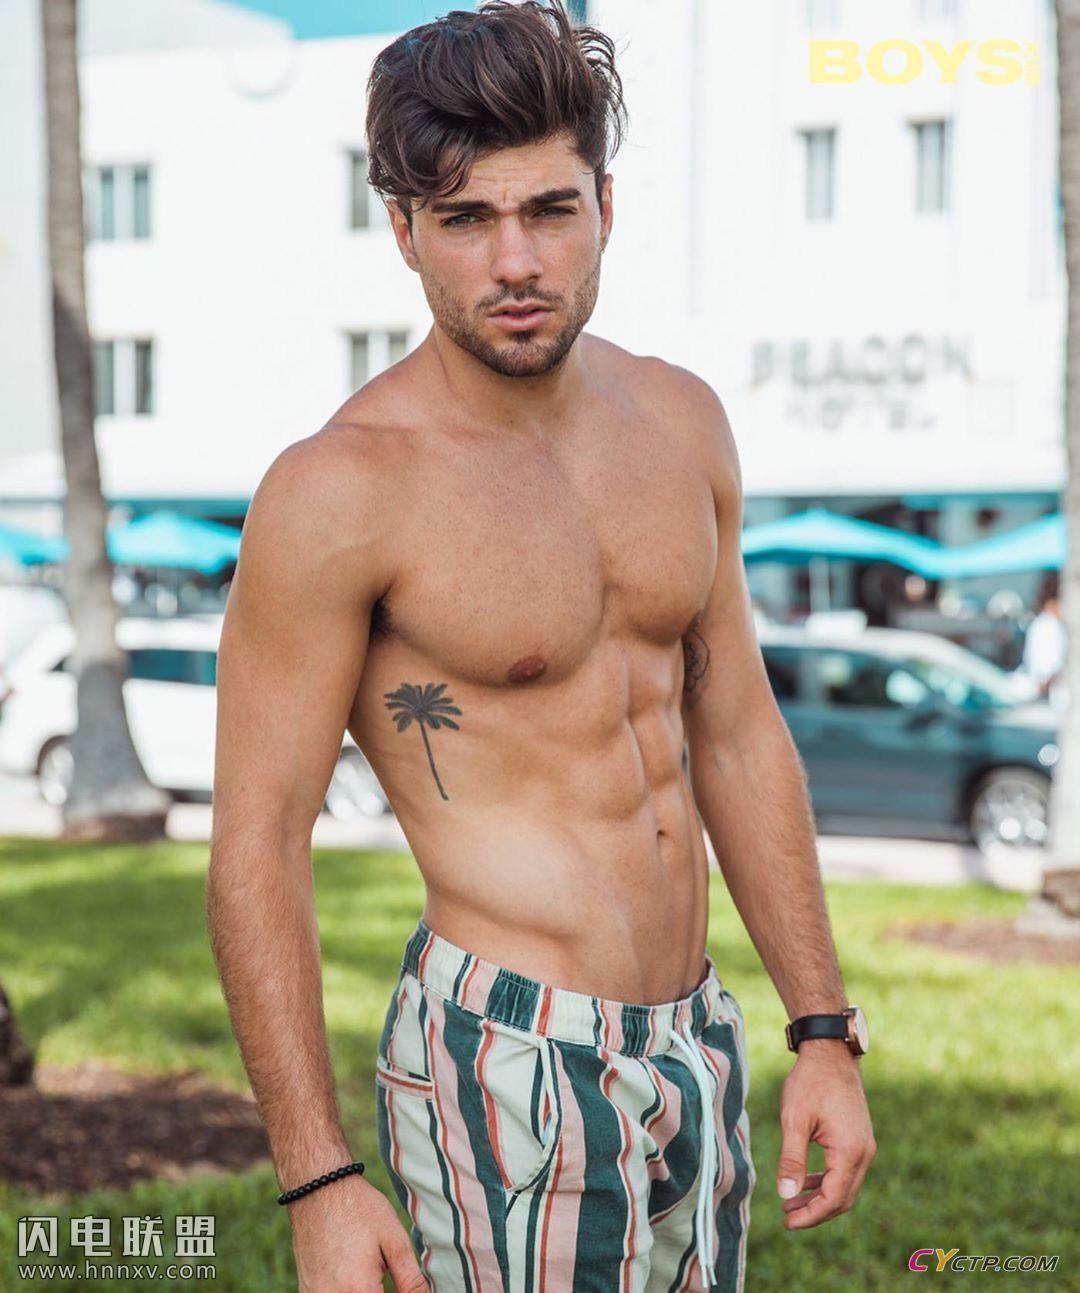 美国肌肉型男人鱼线图片